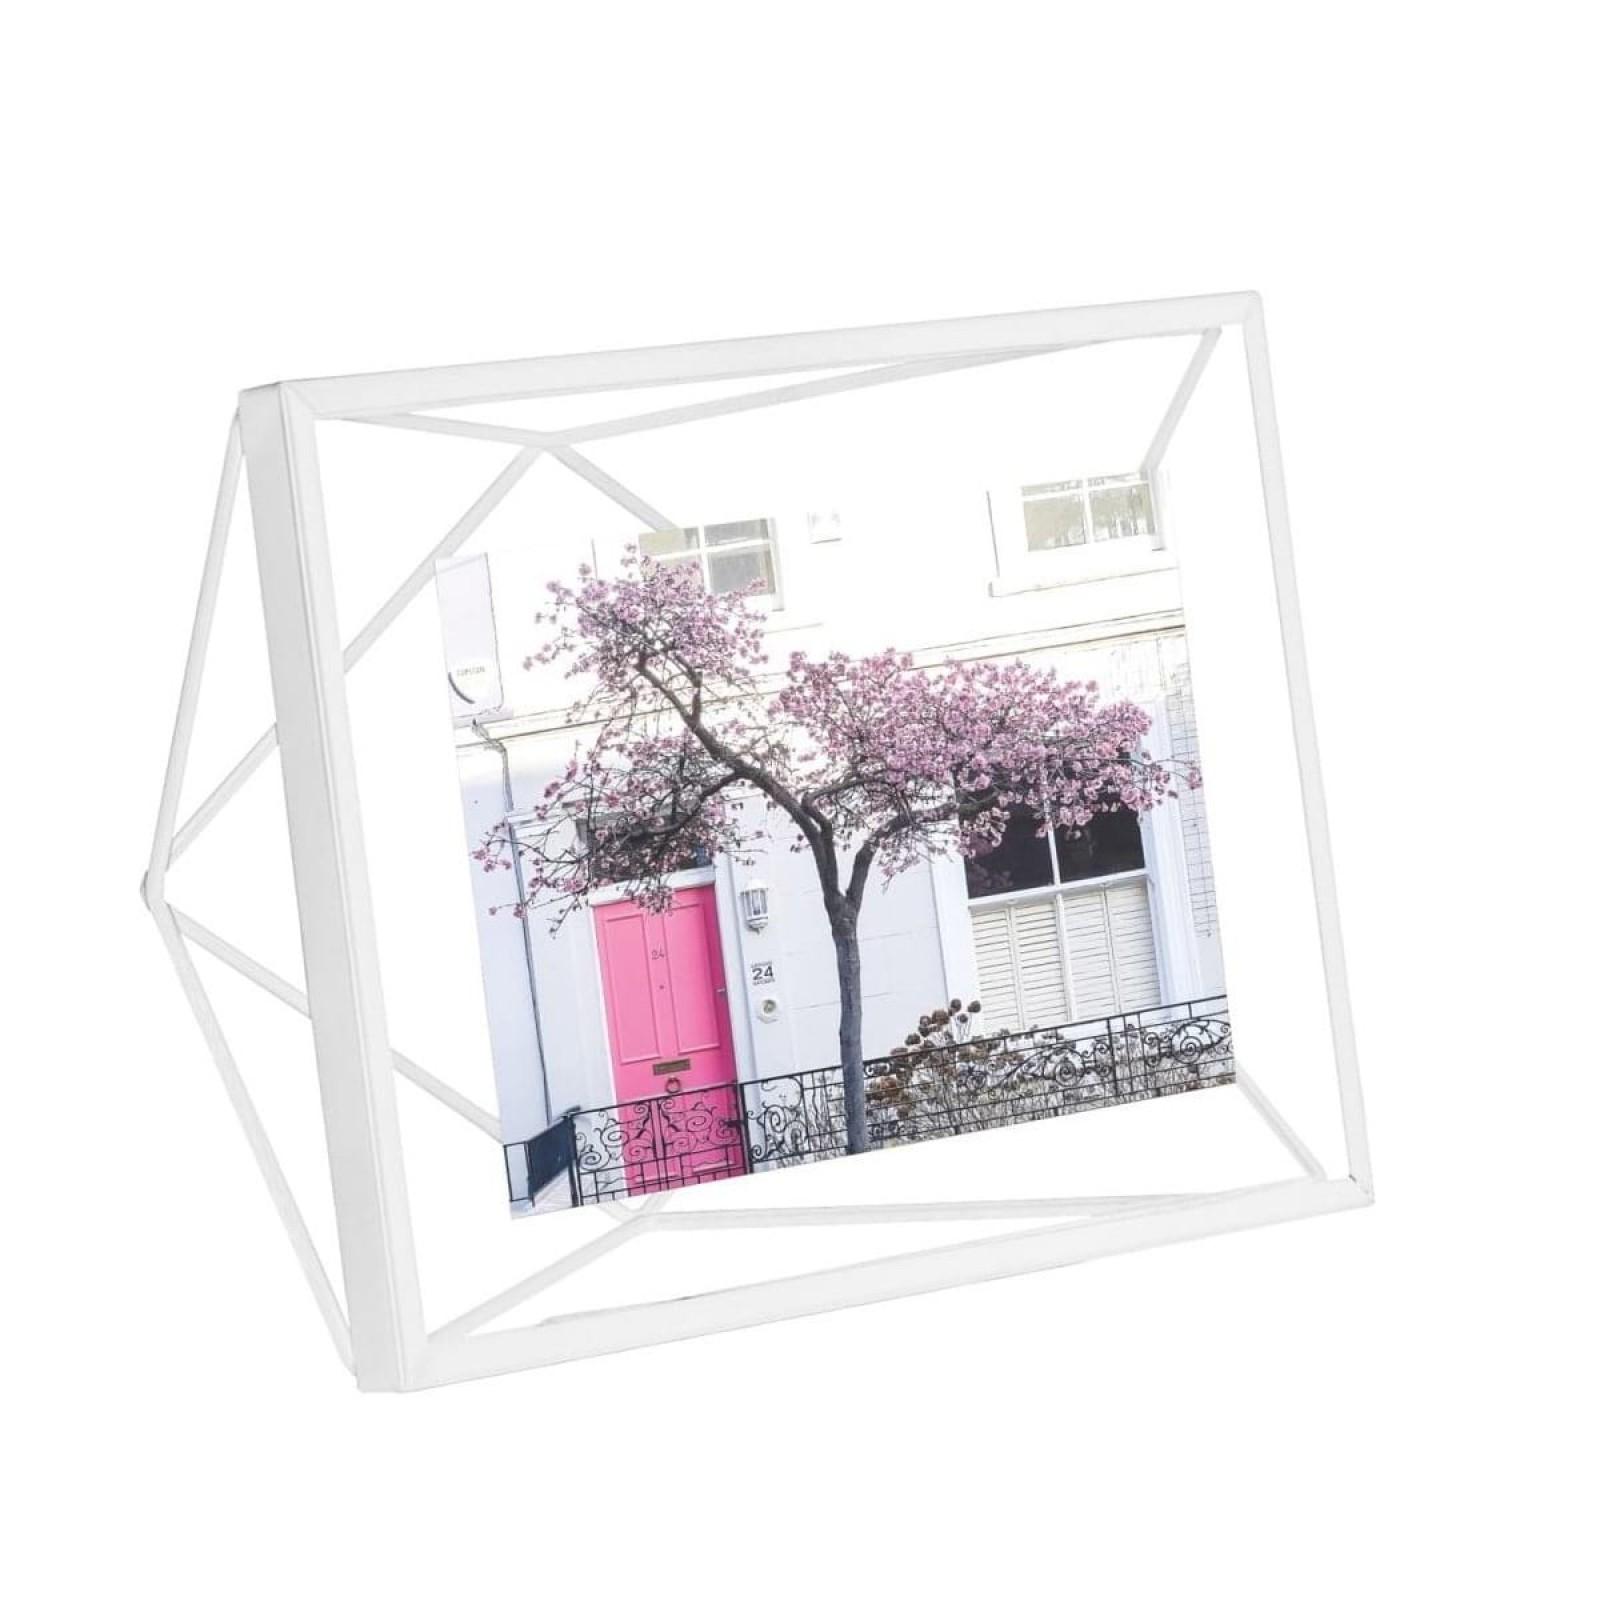 Prisma Photo Display 10 x 15 cm (White) - Umbra